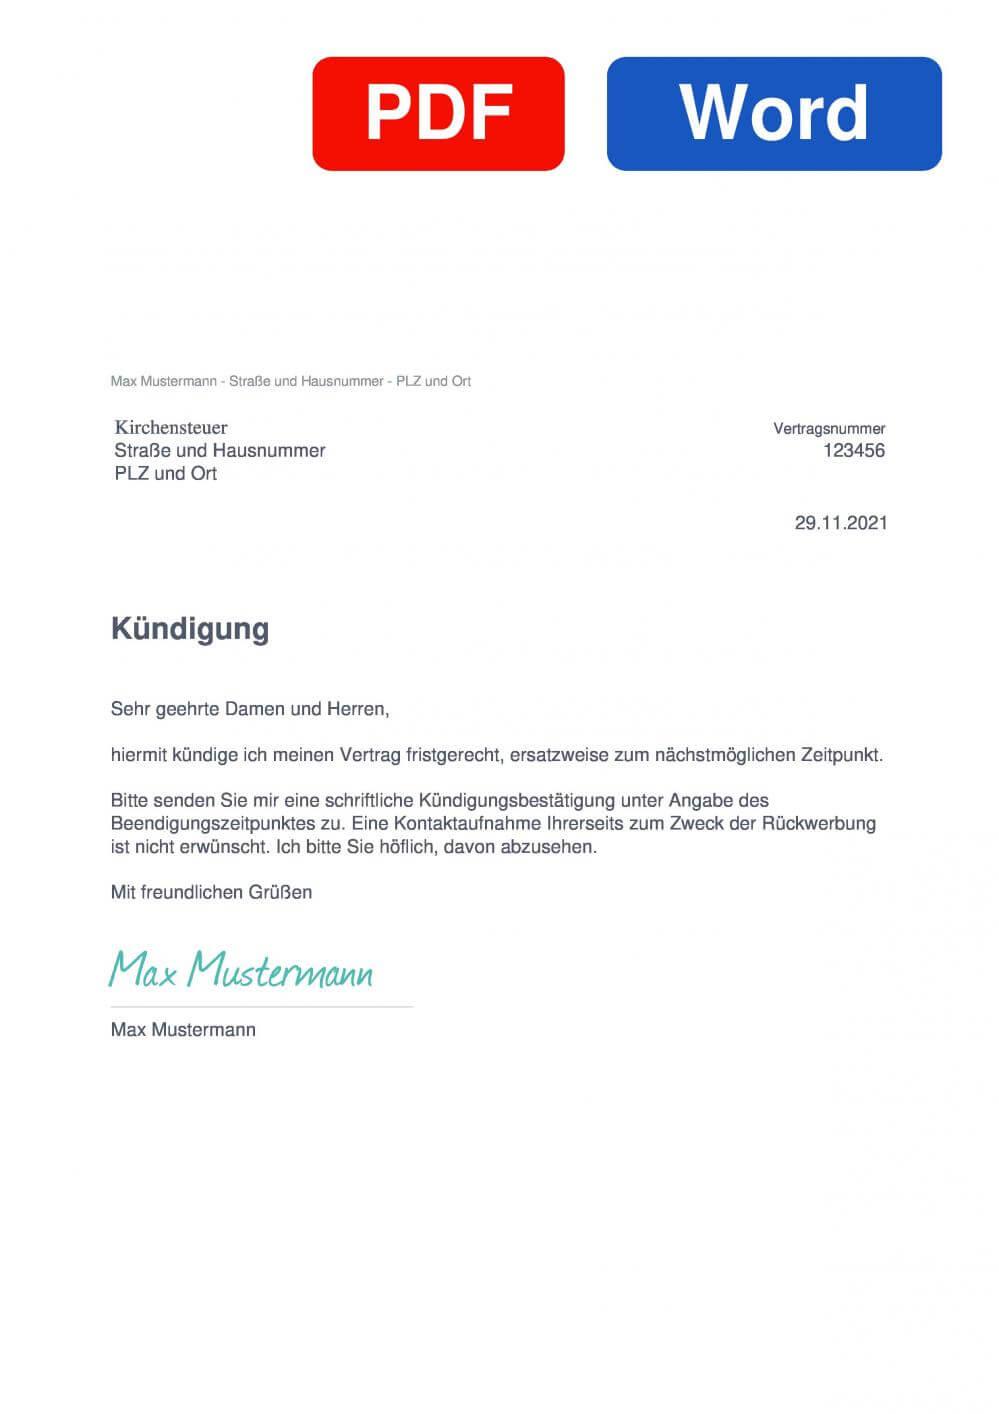 Kirchensteuer Muster Vorlage für Kündigungsschreiben